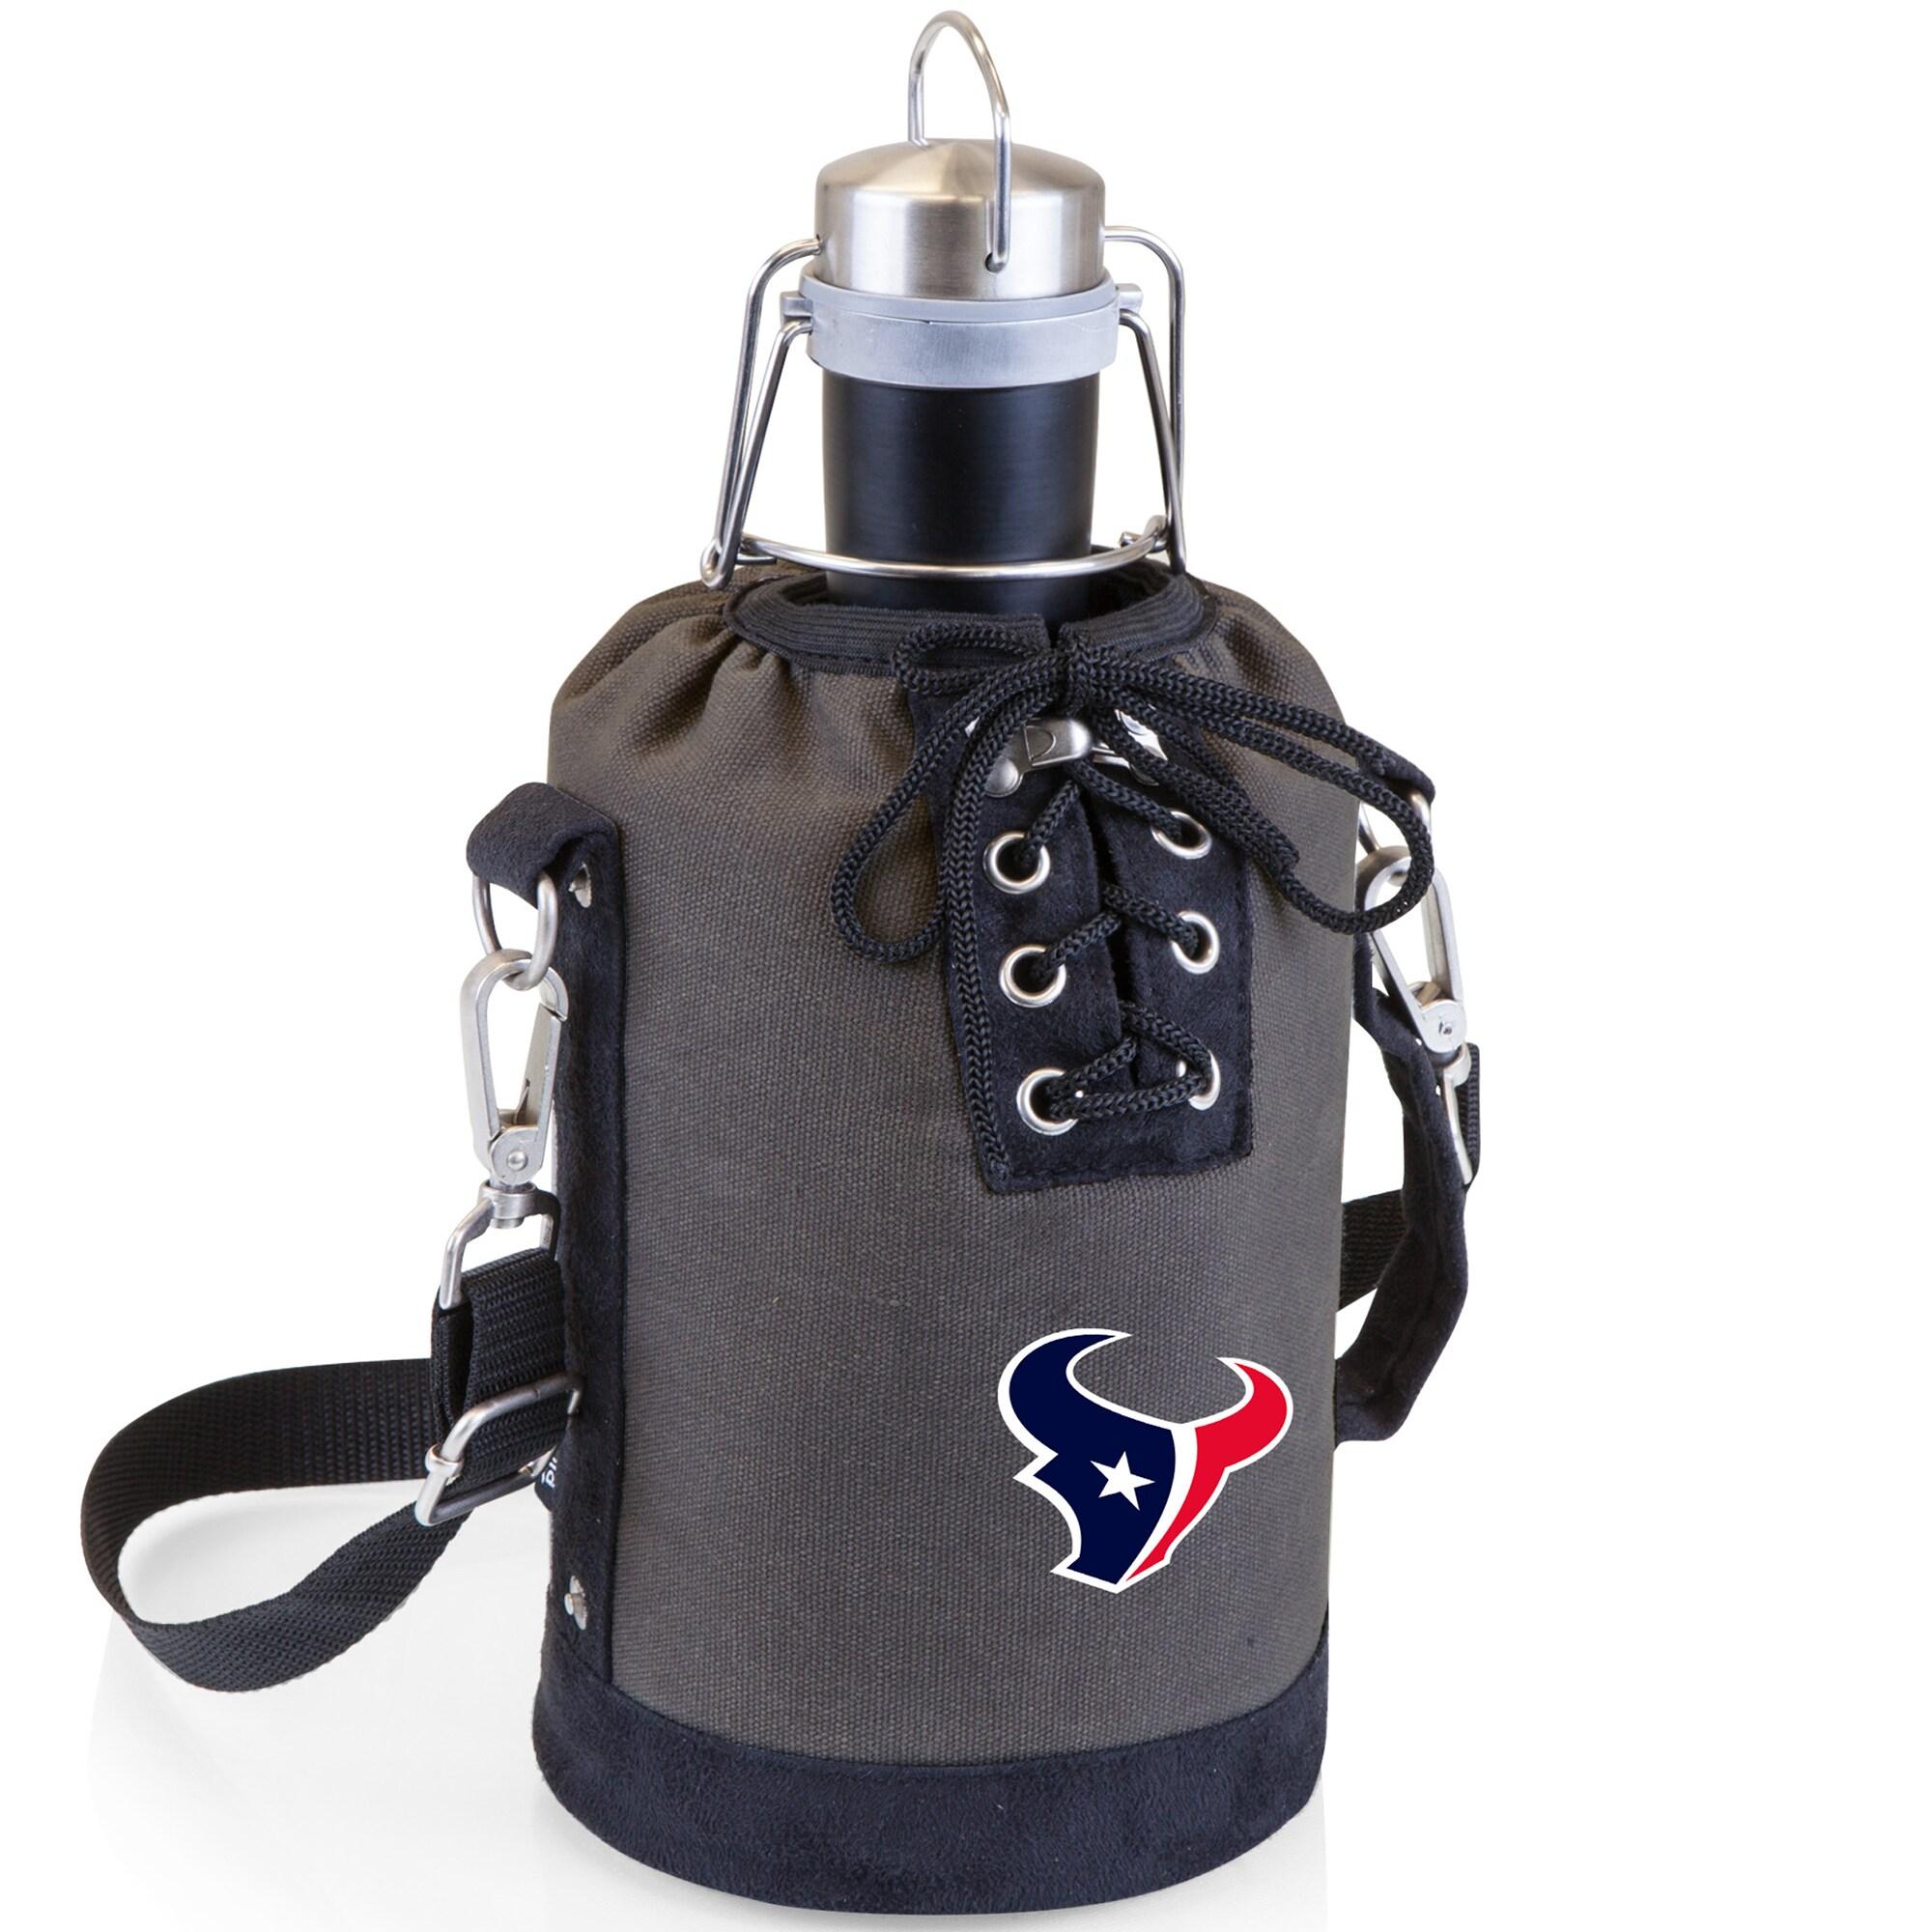 Houston Texans Growler Tote Set